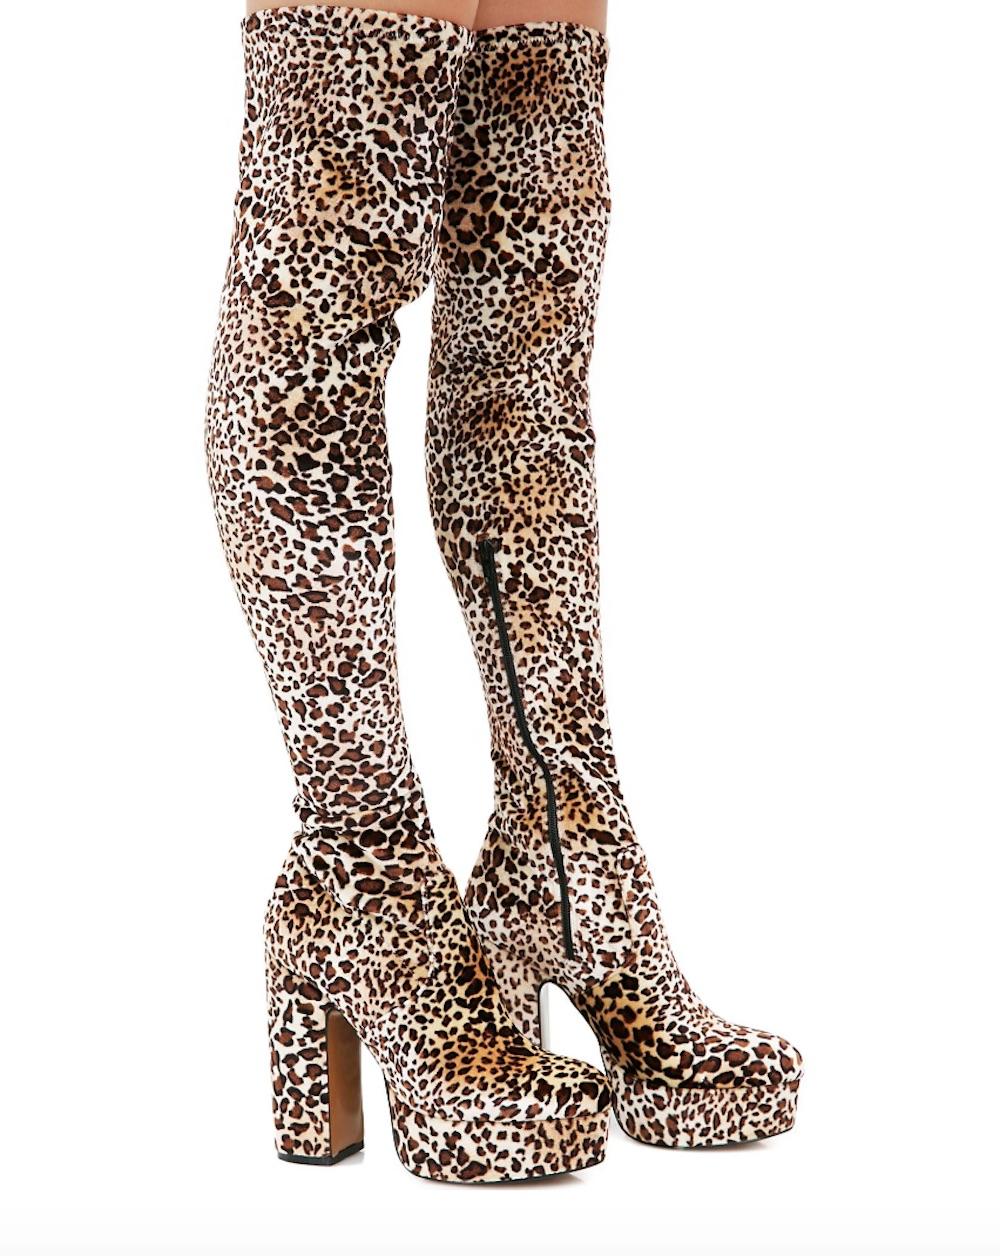 cheetahboota.jpg